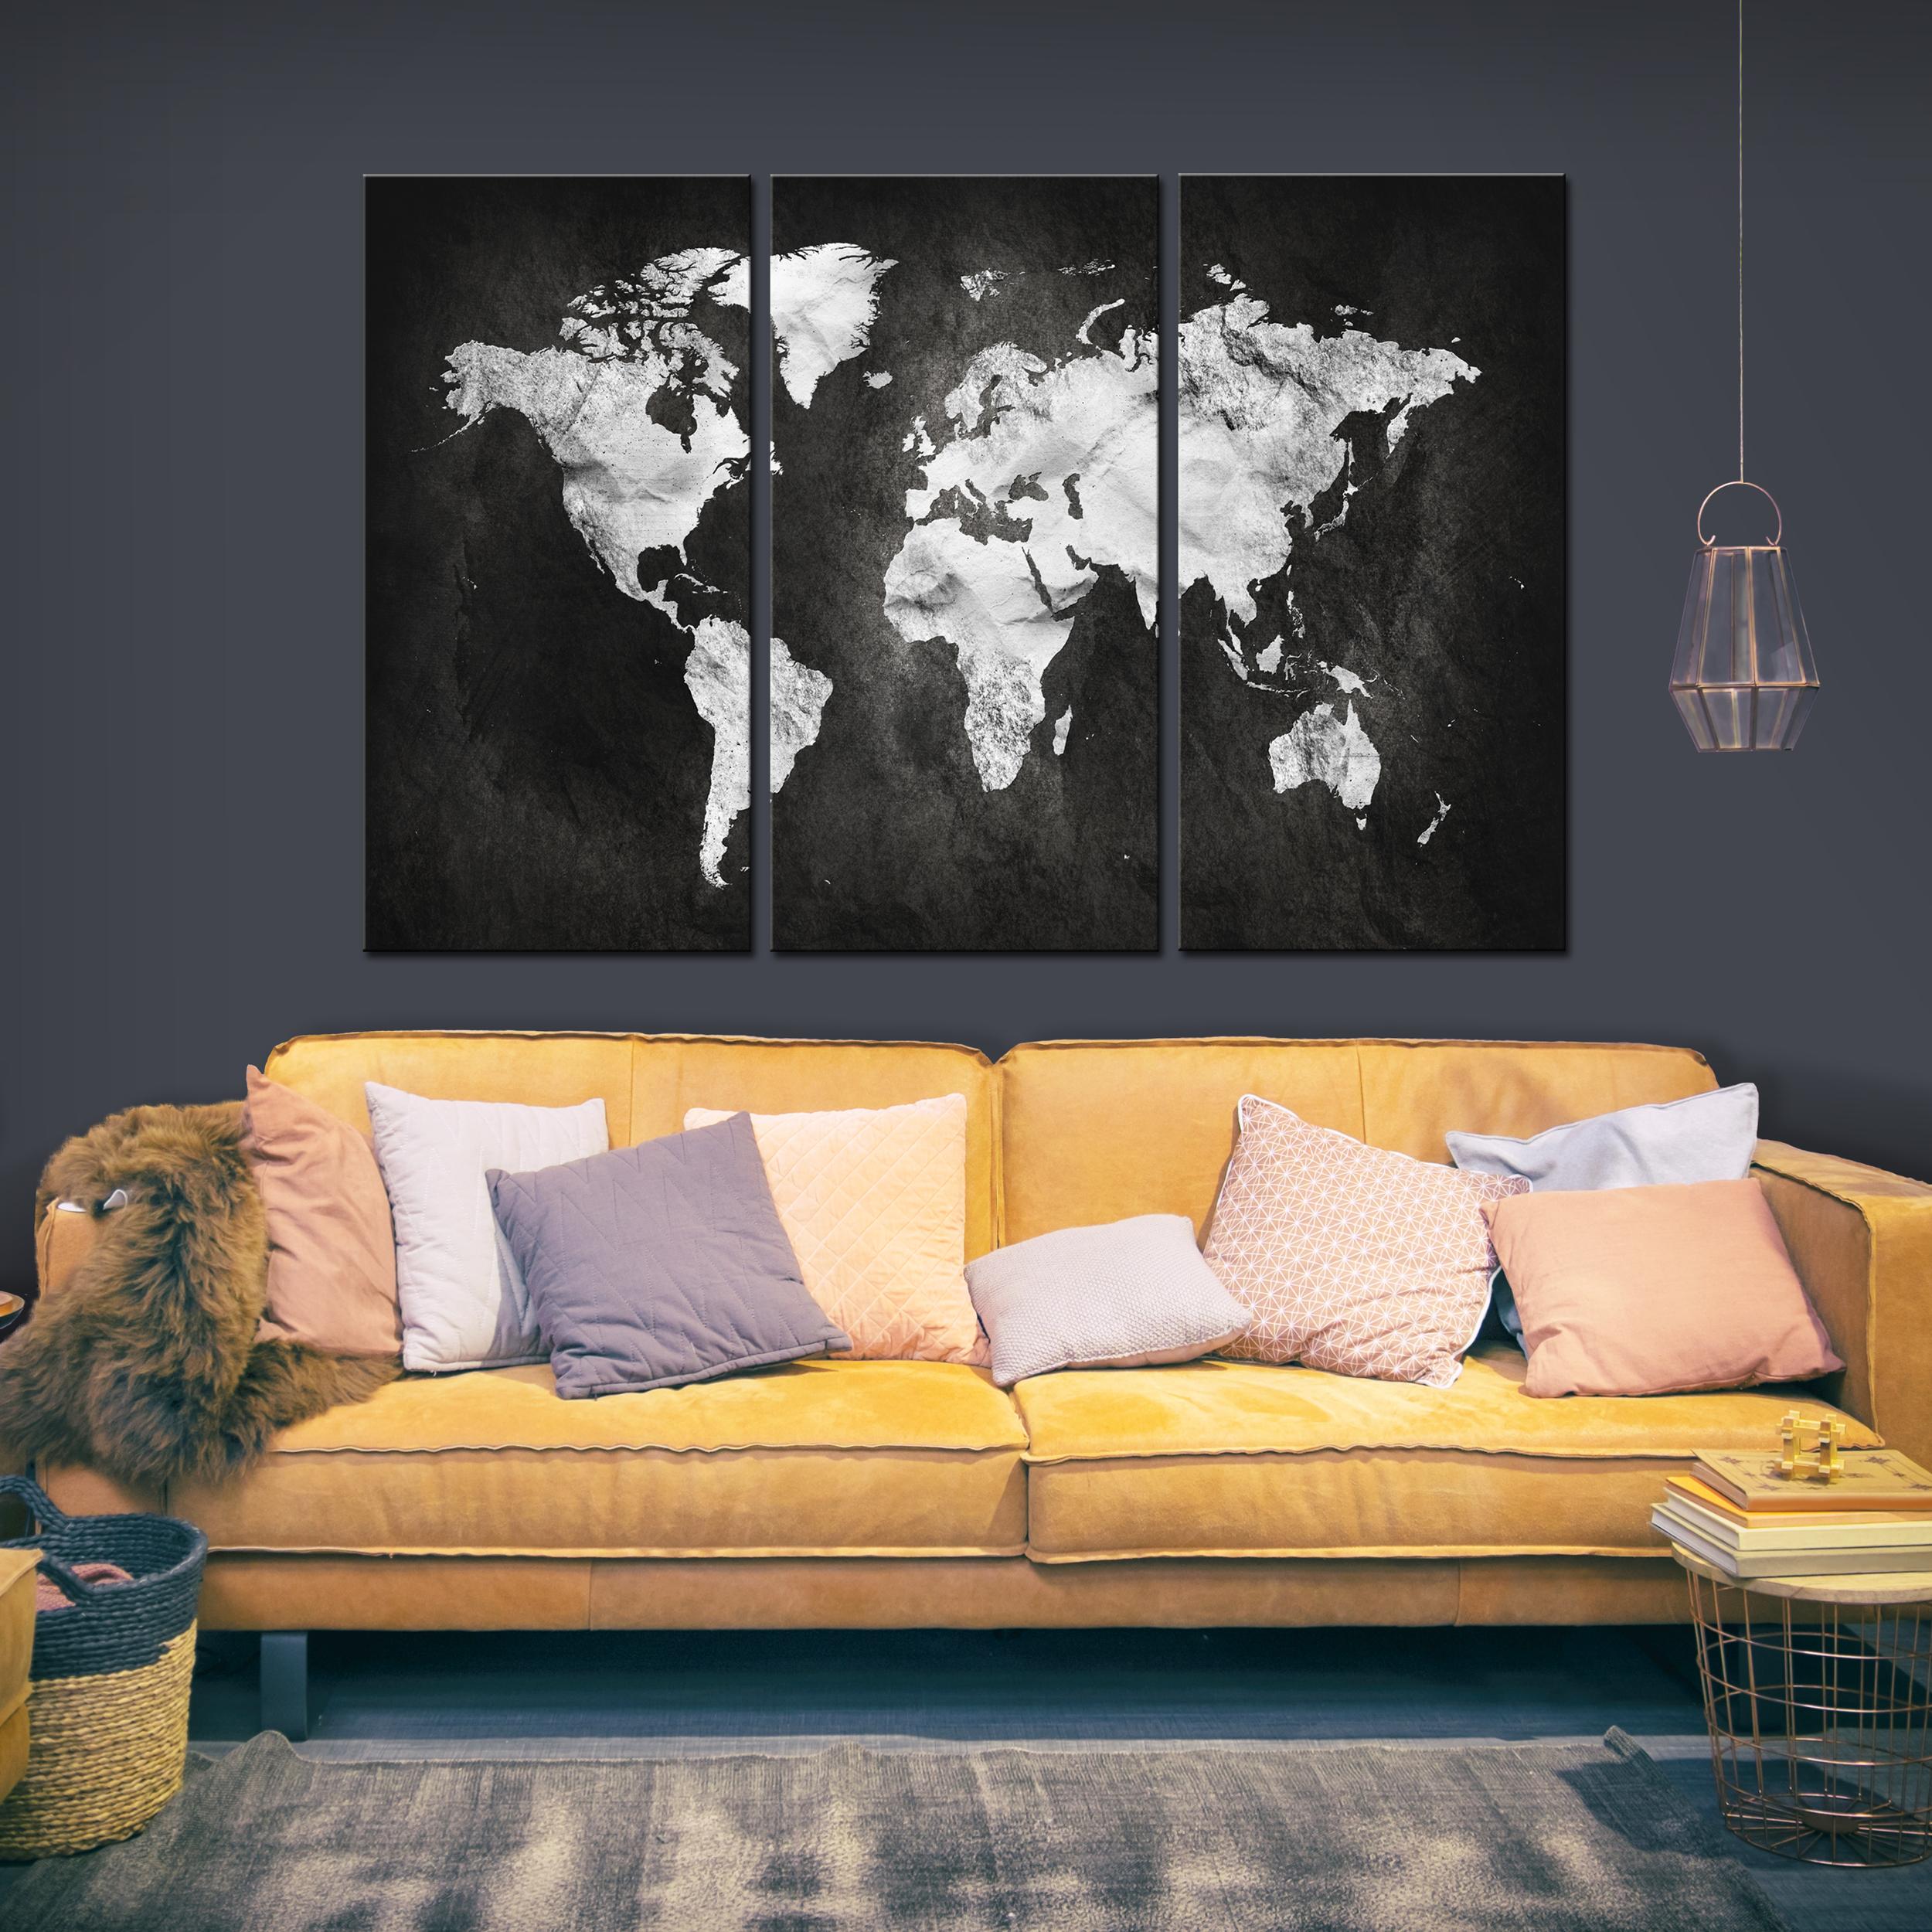 LEINWAND BILDER Weltkarte retro schwarz Kunstdruck WANDBILDER XXL Wohnzimmer